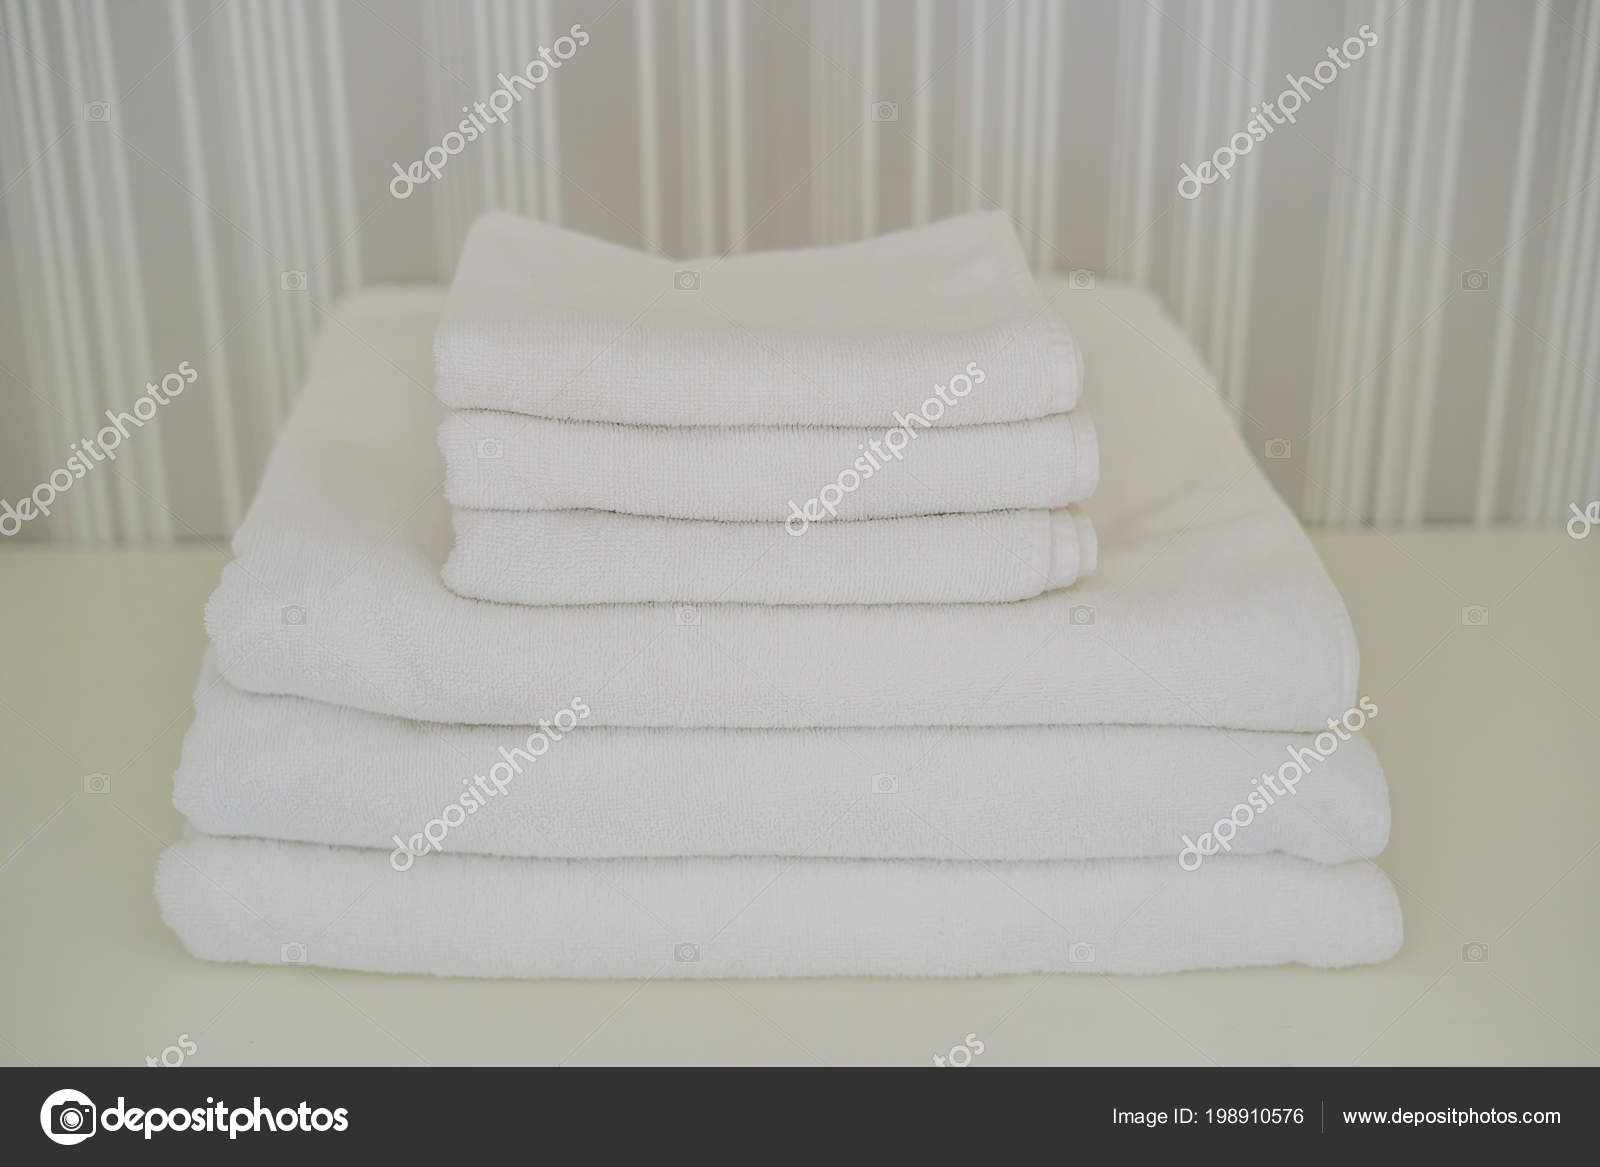 Stapel witte donzige handdoeken kast service het hotelconcept